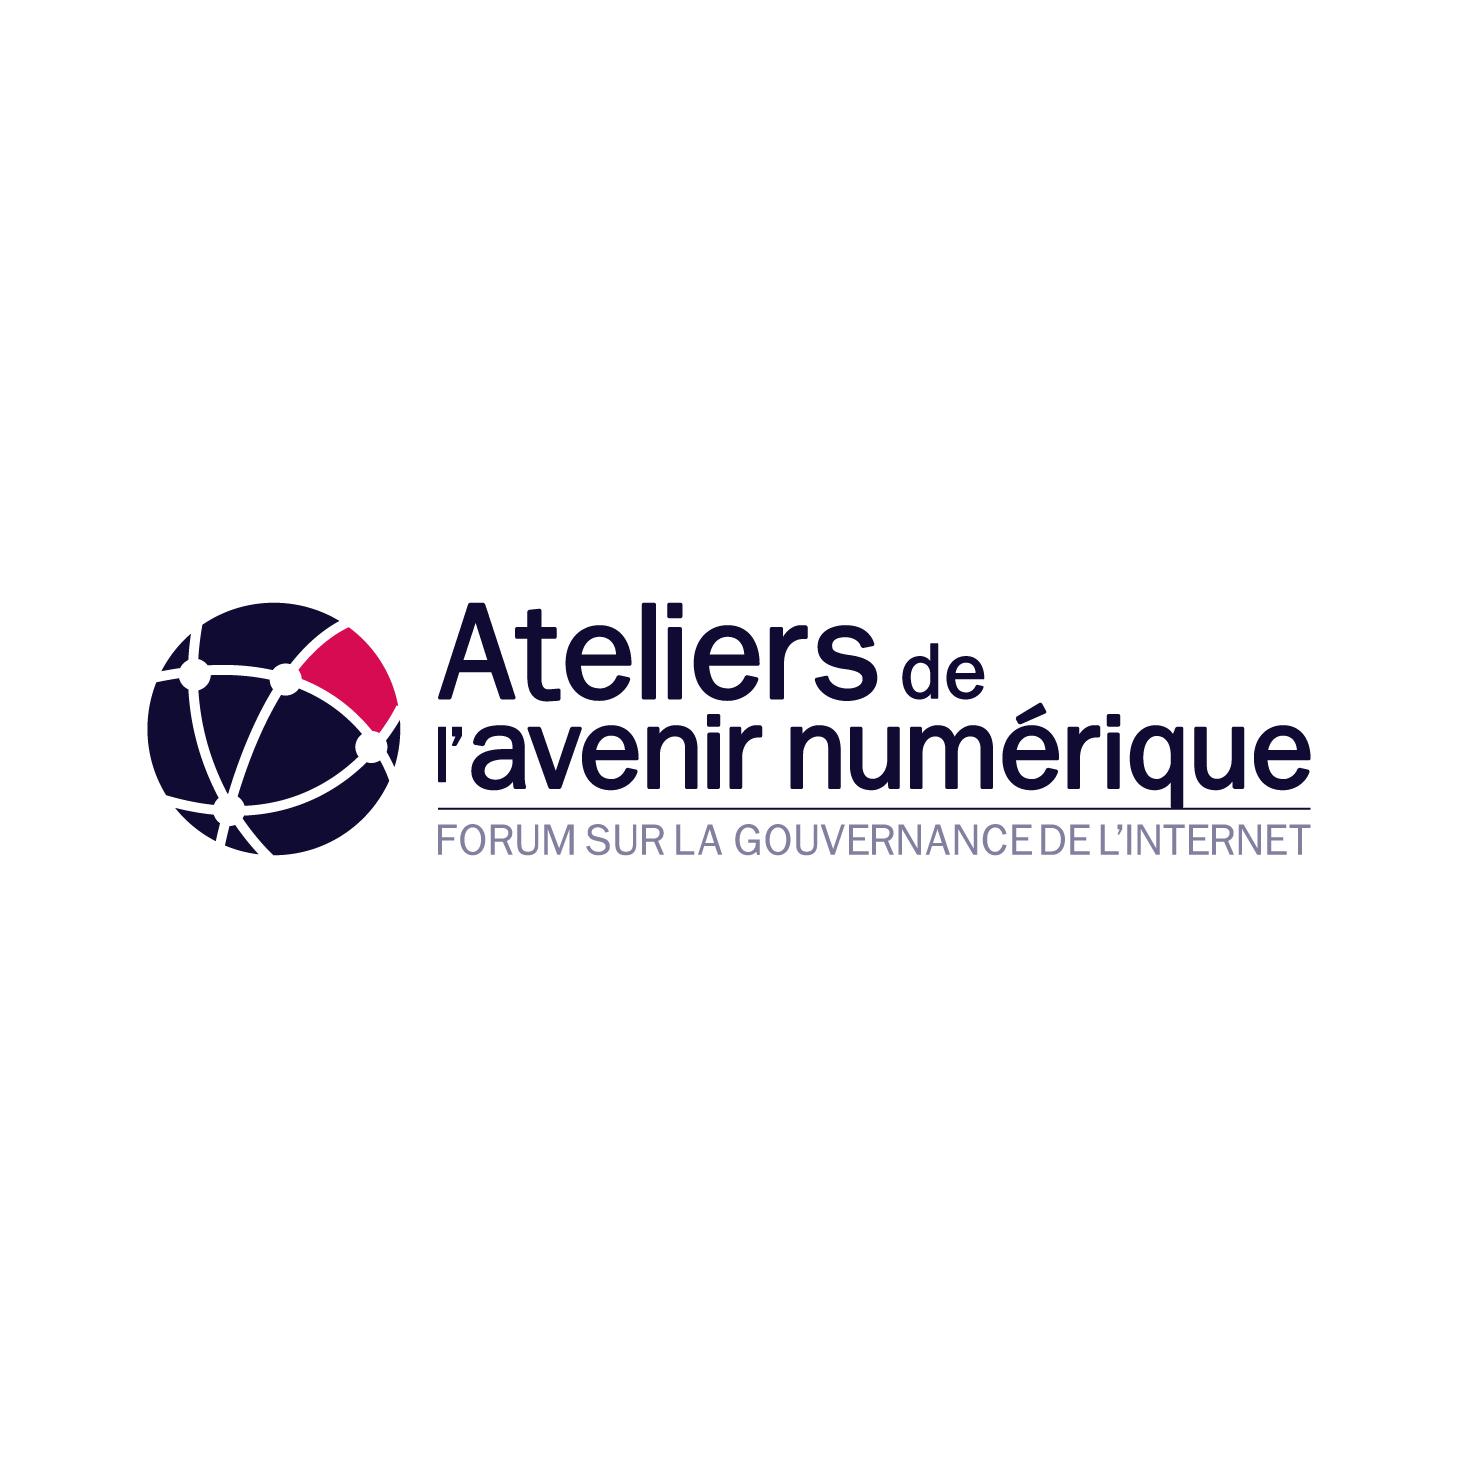 ATELIERS DE L'AVENIR NUMERIQUE